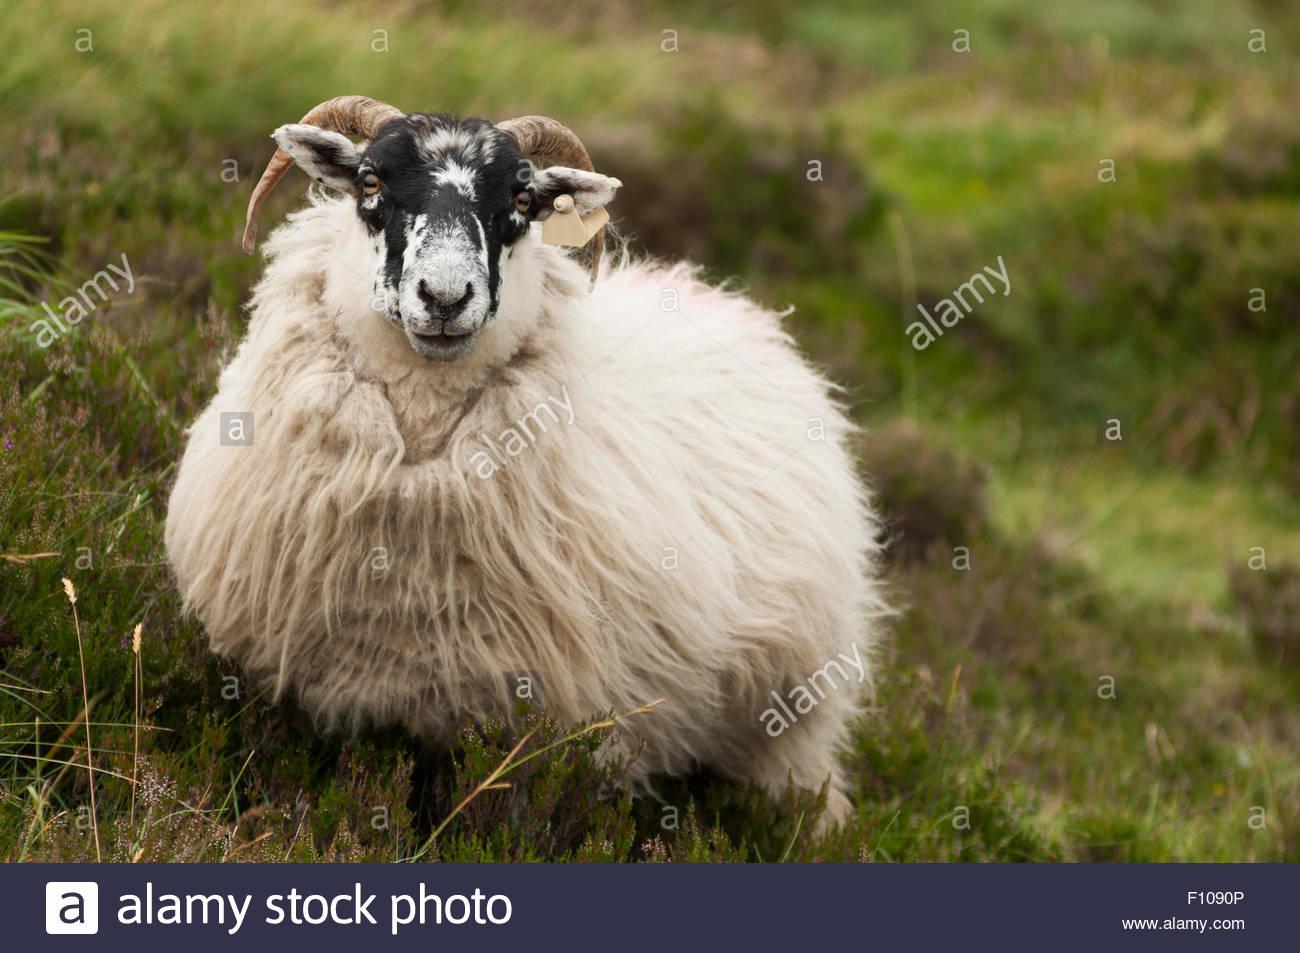 Irish sheep - Stock Image